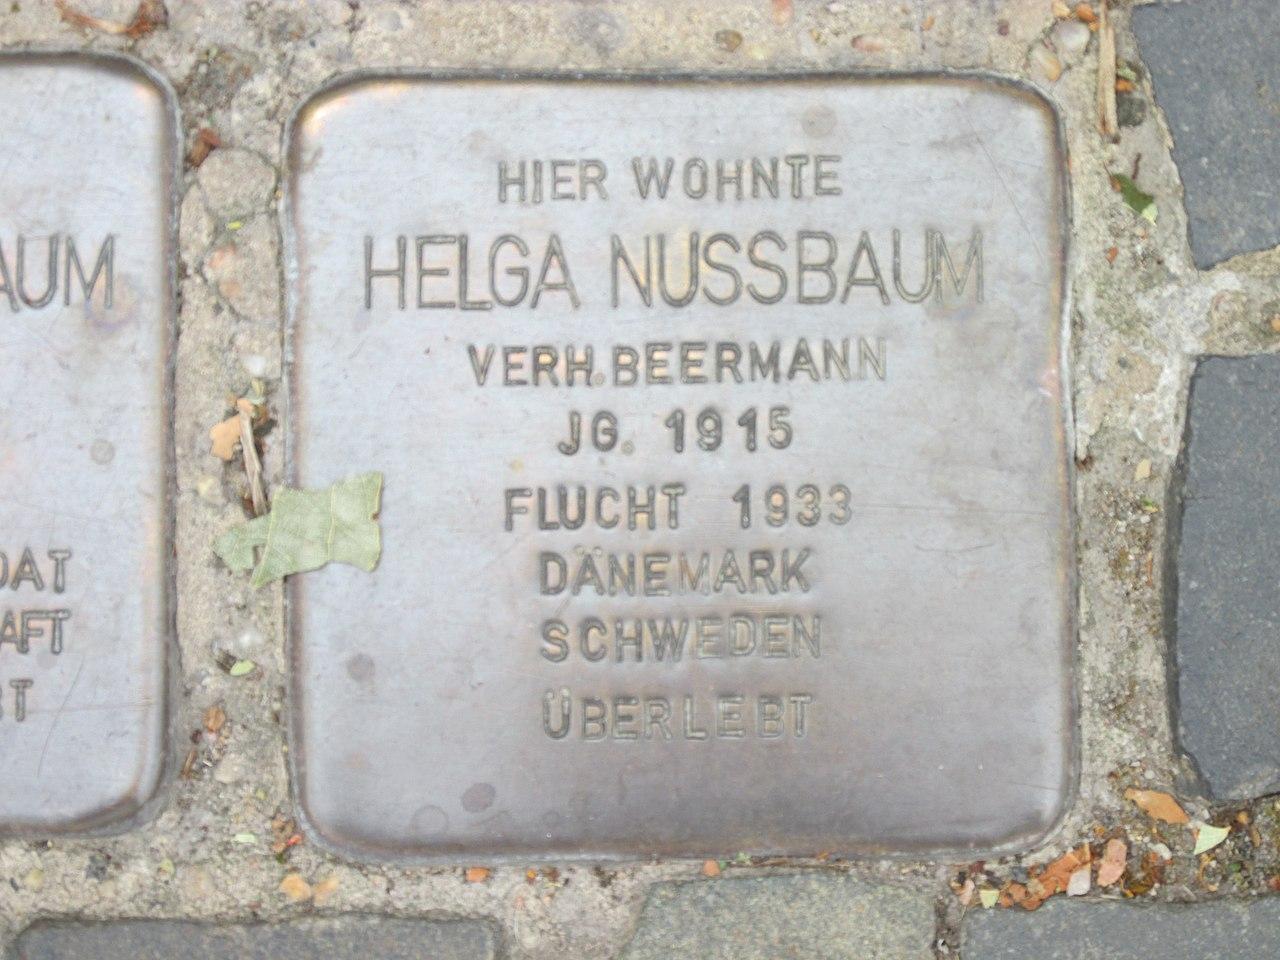 Stolperstein Helga Nussbaum, 1, Burgstraße 40, Bitterfeld, Bitterfeld-Wolfen, Landkreis Anhalt-Bitterfeld.jpg